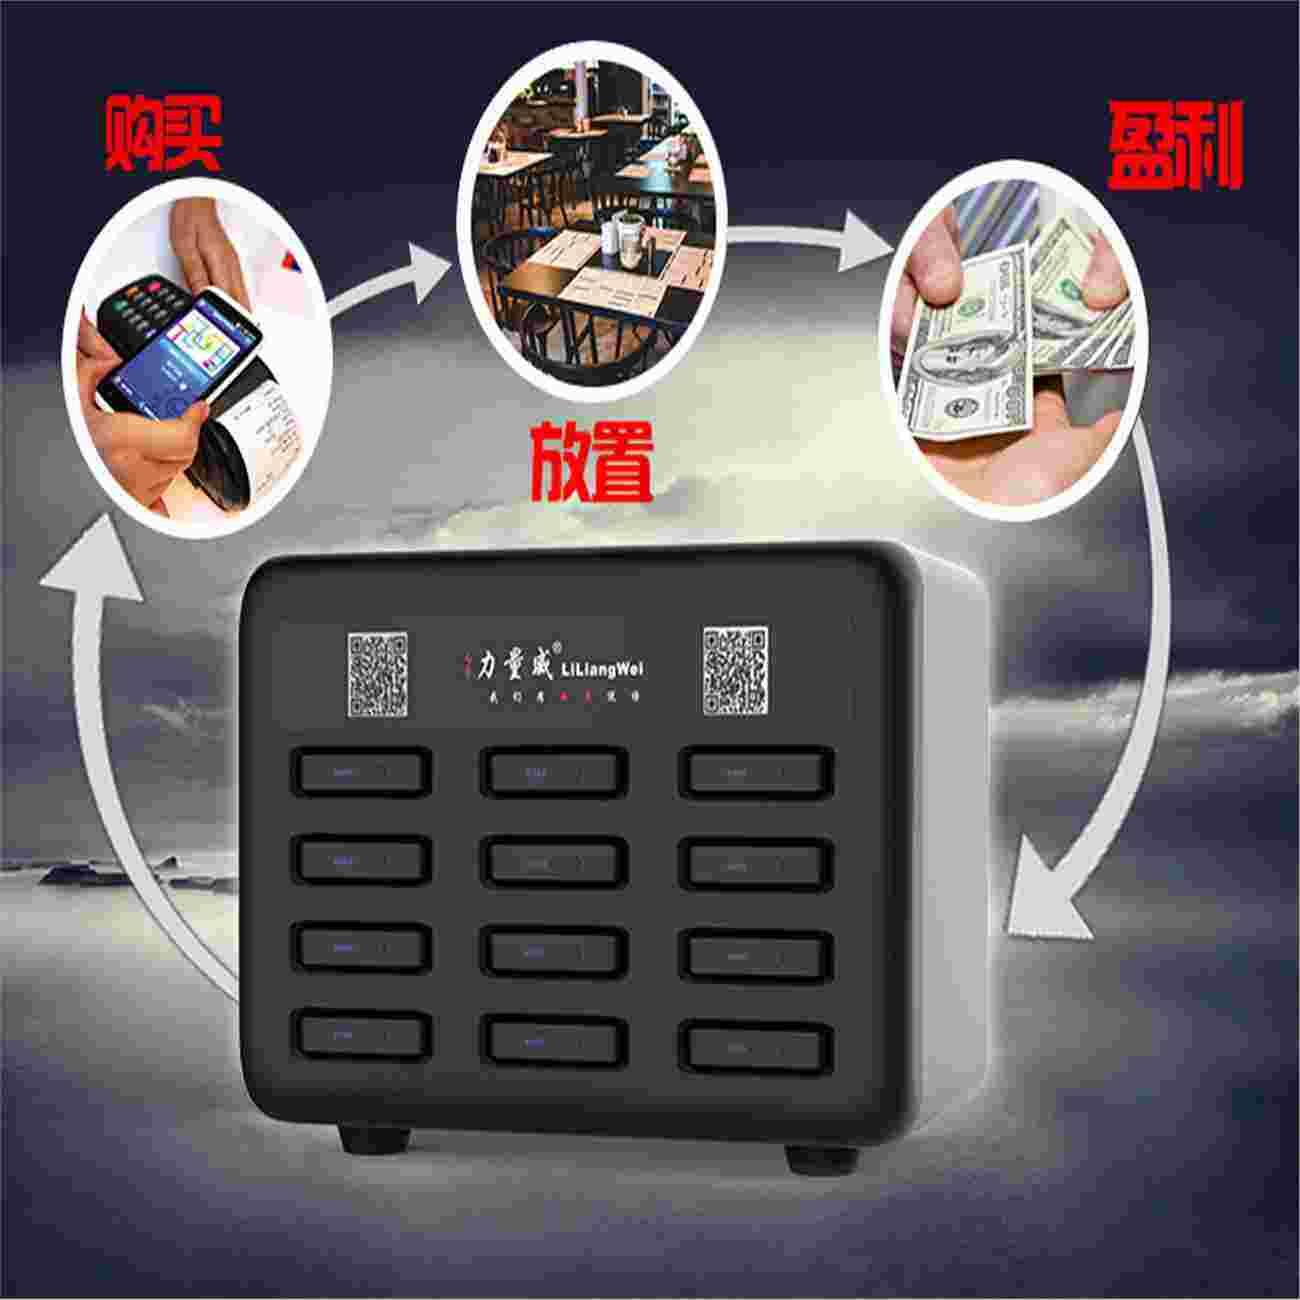 厂家直供共享移动电源充电宝箱机子柜箱式共享充电箱方案自主研发